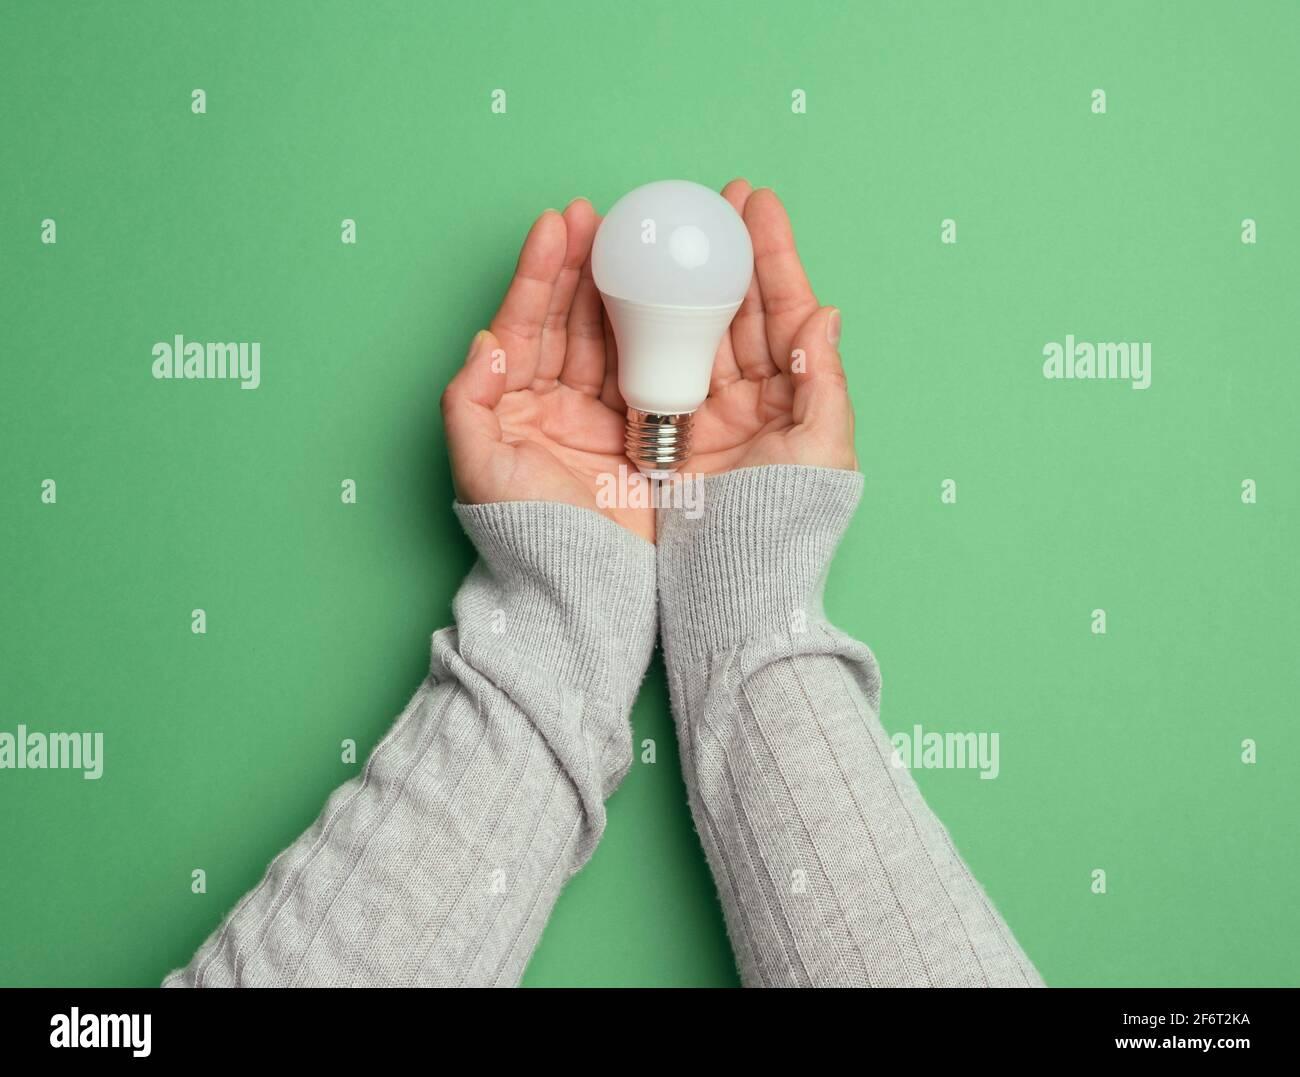 lampe en verre blanc à main femelle, énergie verte, vue de dessus. Banque D'Images